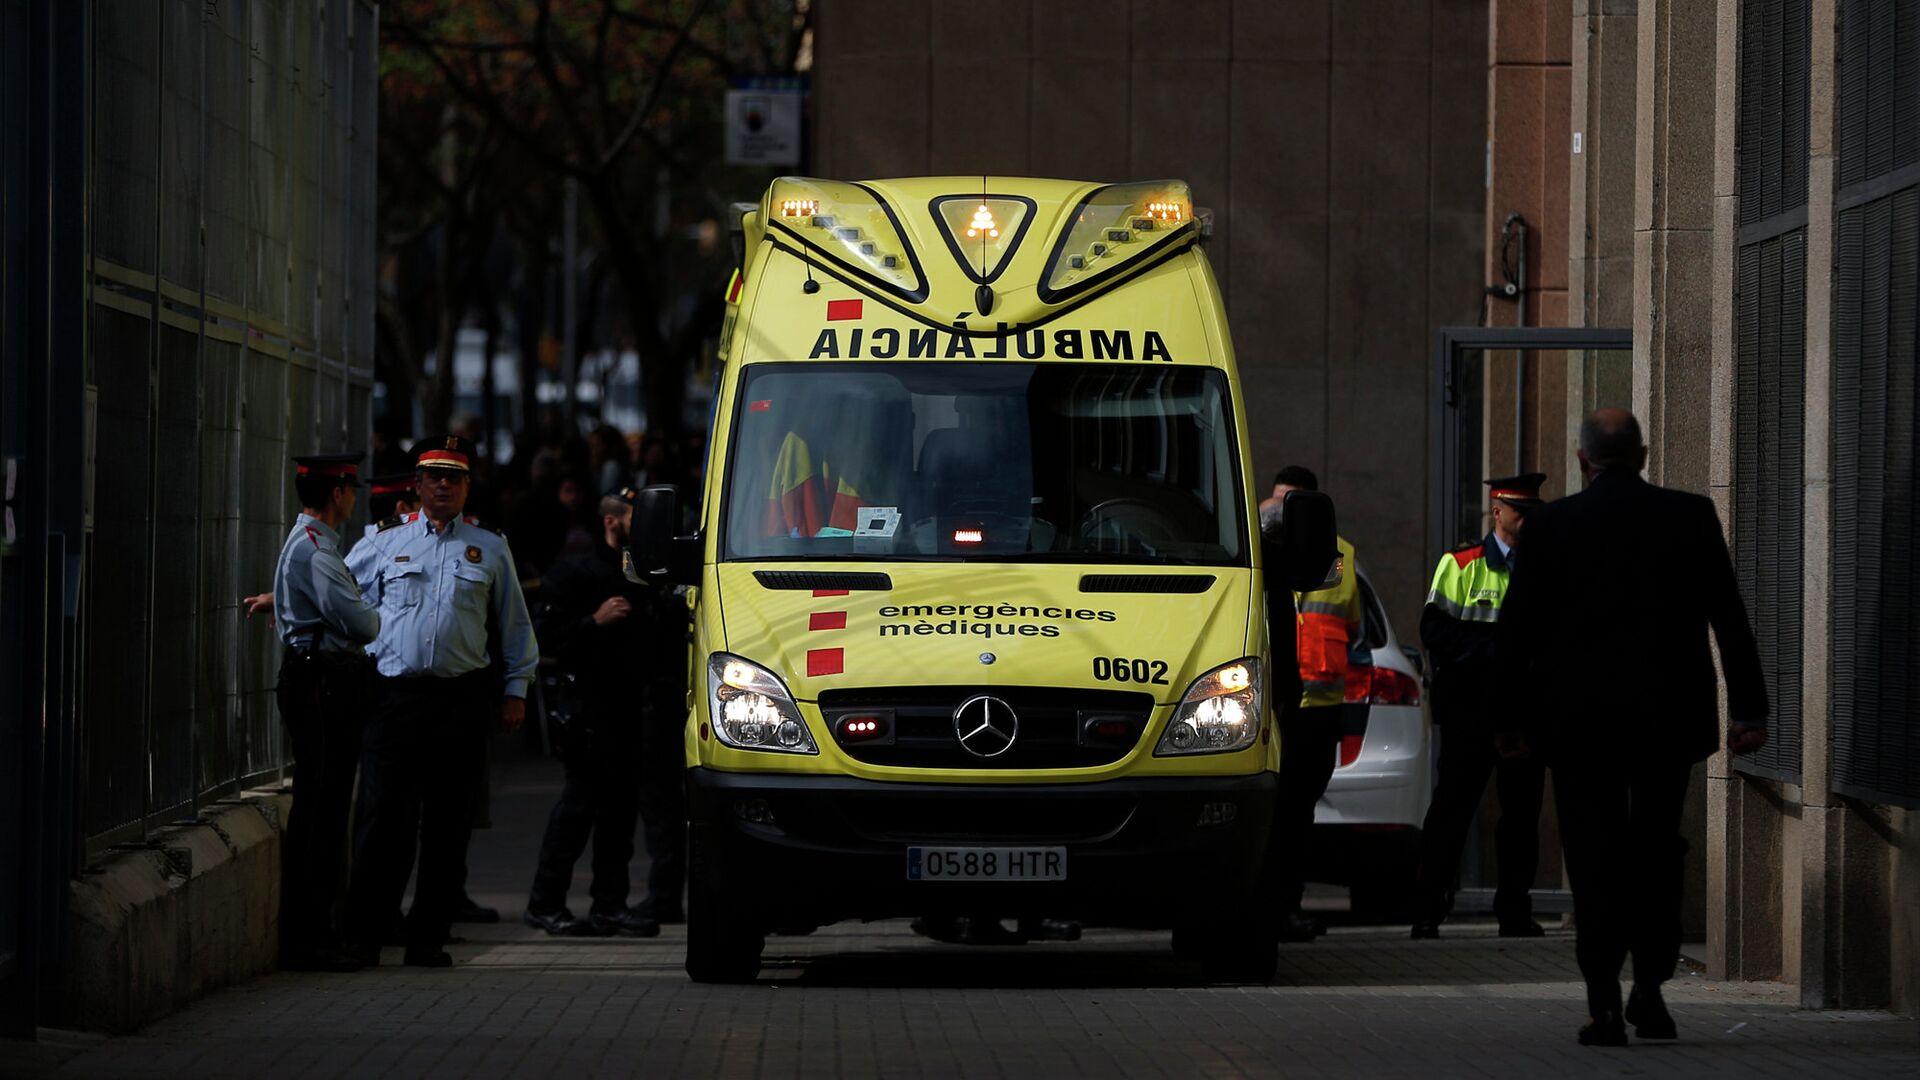 Машина скорой помощи в Испании - РИА Новости, 1920, 18.09.2020